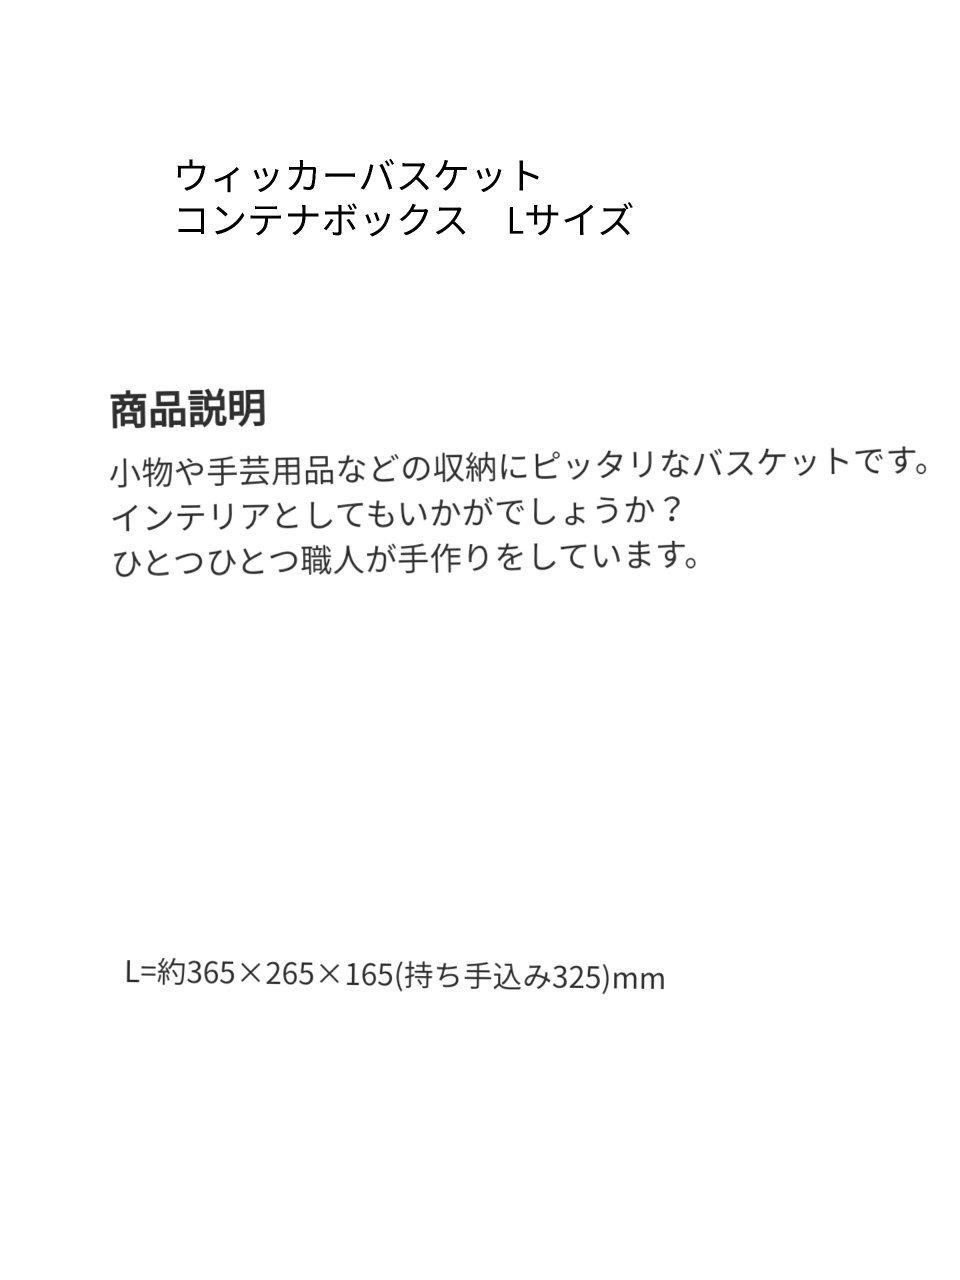 入荷商品ご紹介_f0255704_22311407.jpg